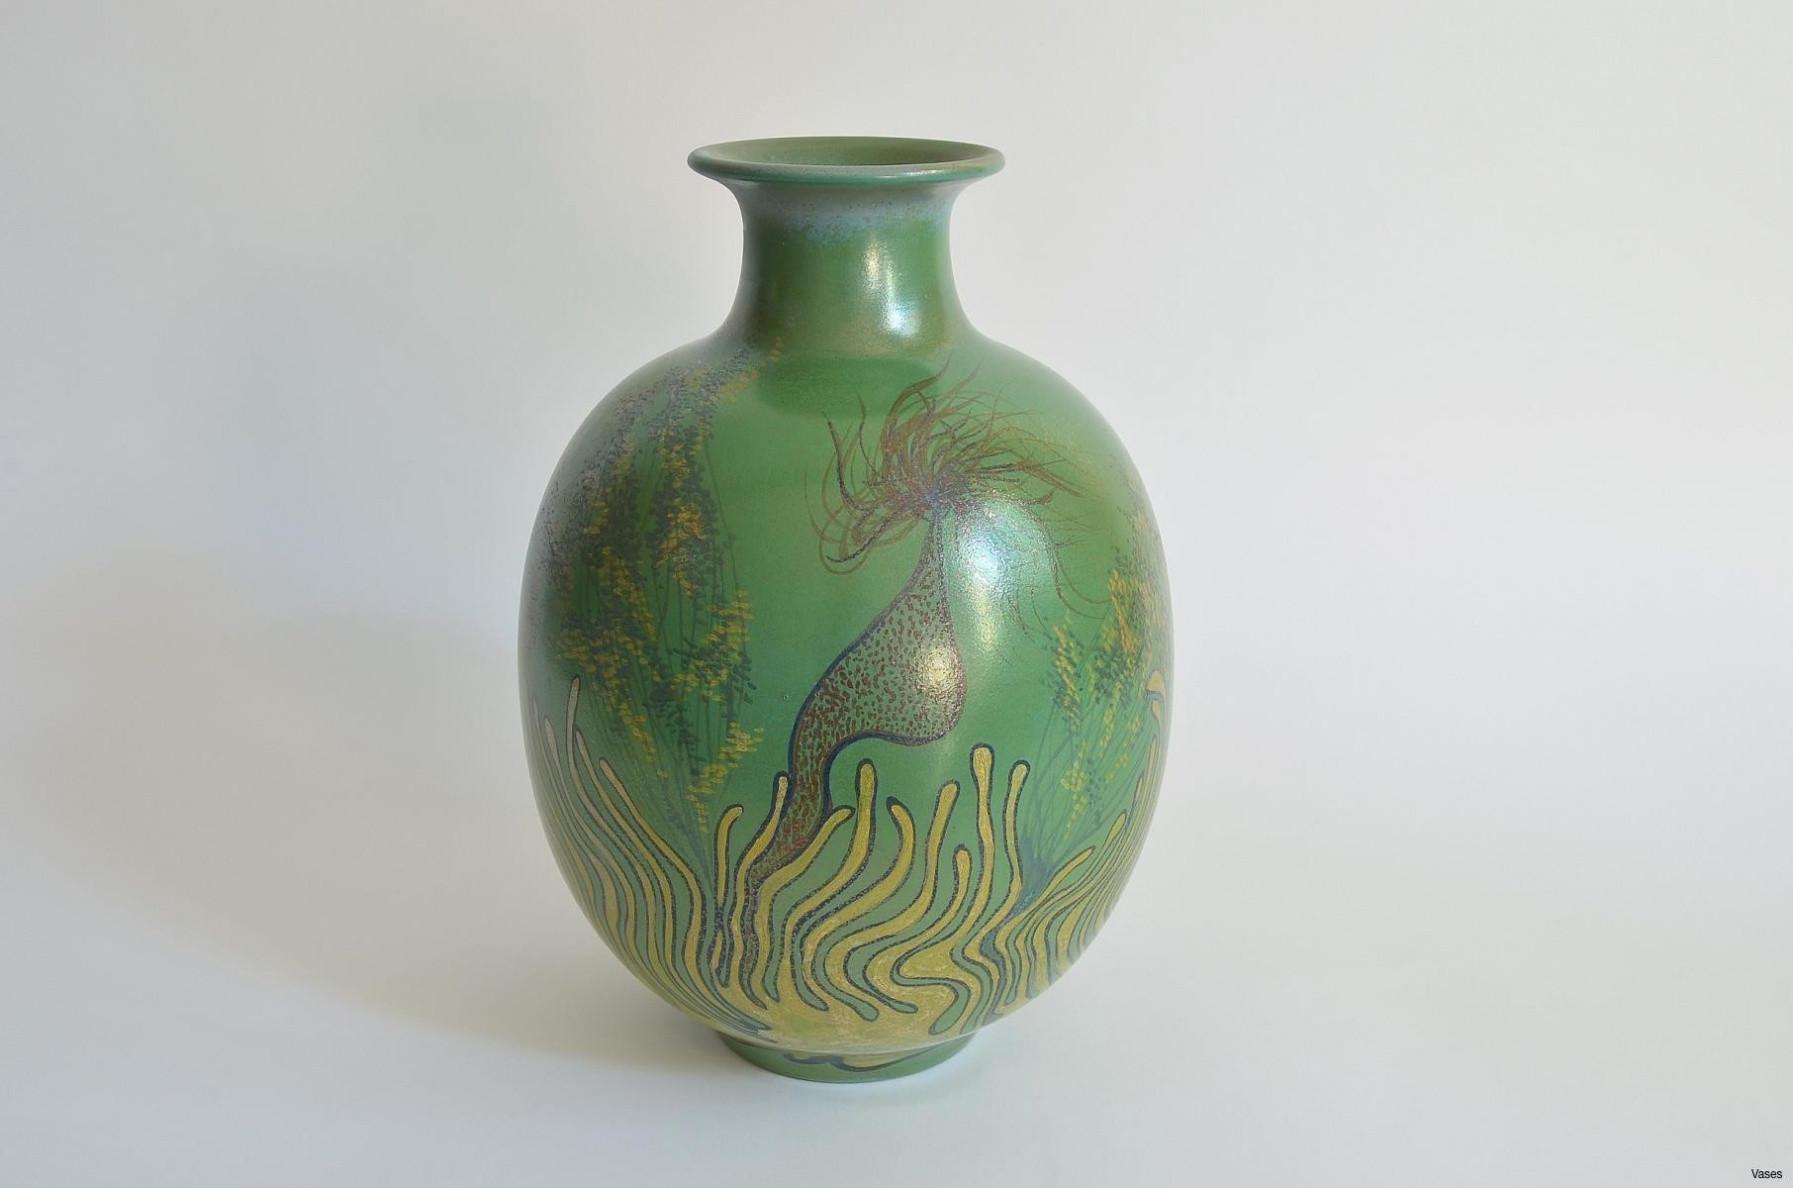 turquoise floor vase of grand vase blanc you known me regarding an famille ceramic vases 0d tags magnificent unique ceramic vases